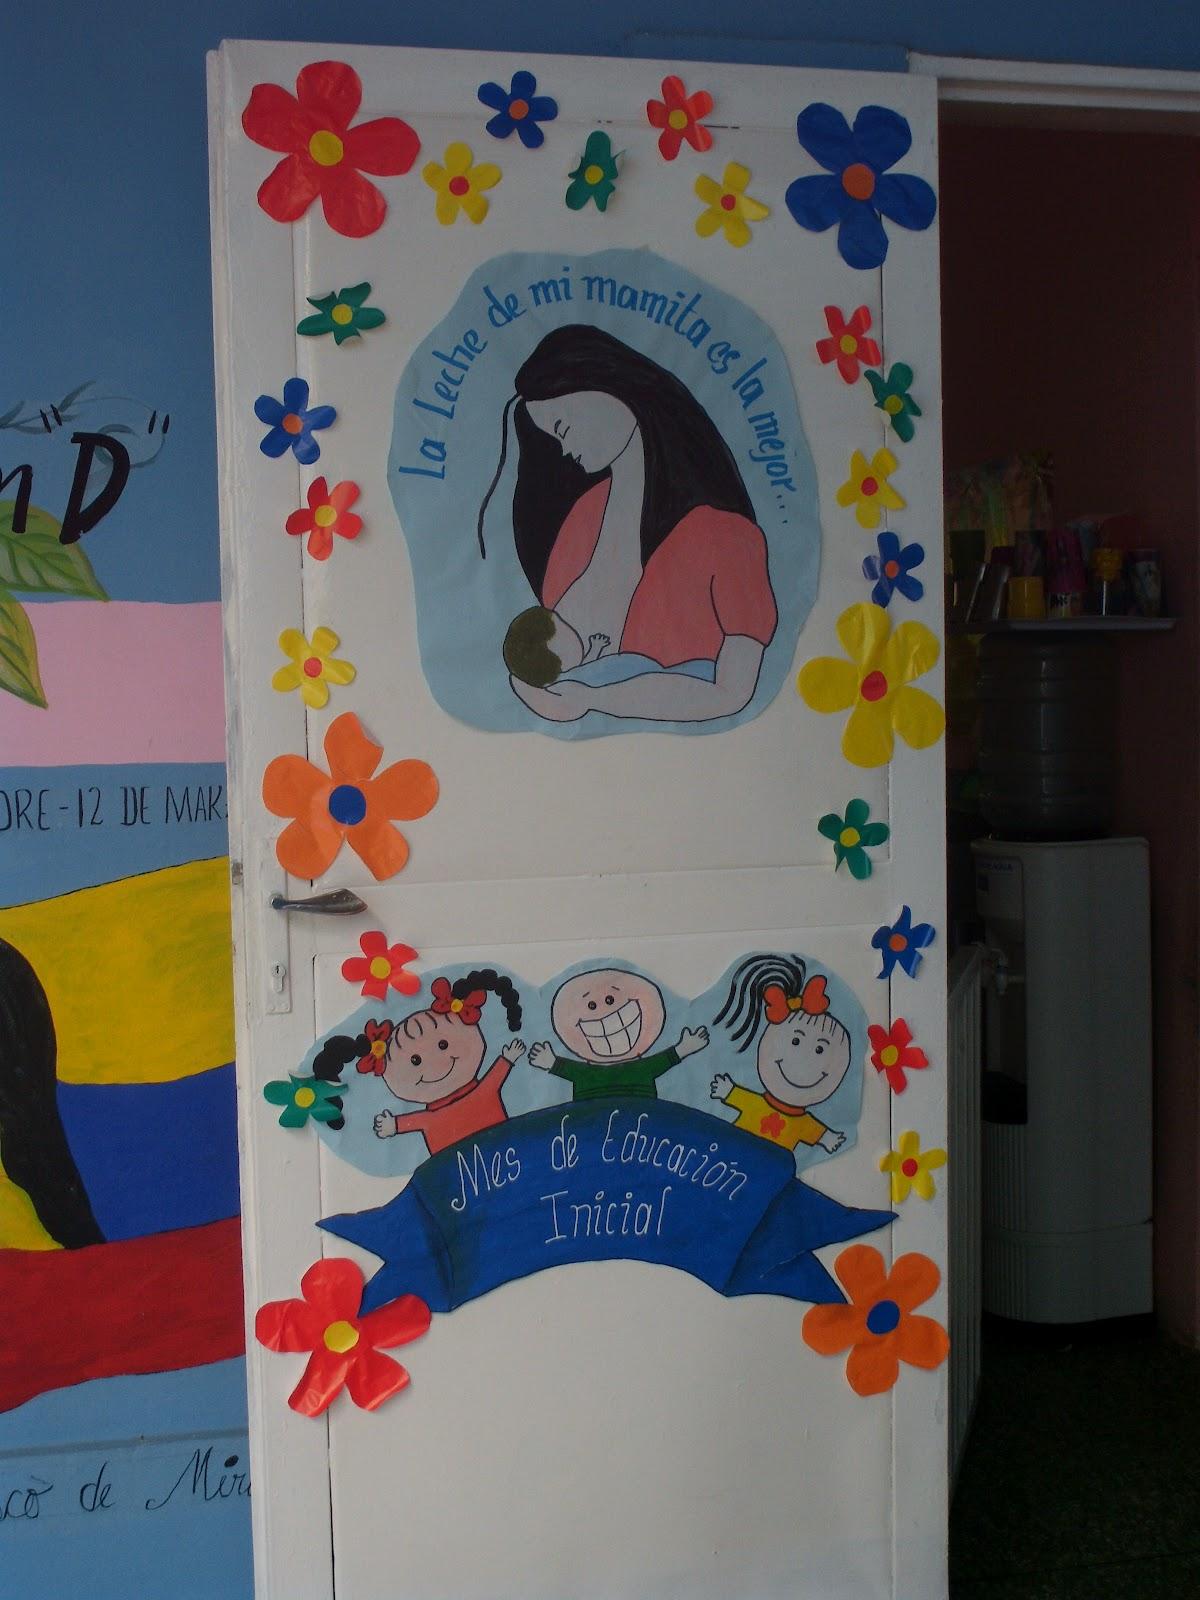 Cajitas de sue os puertas decoradas del simoncito for Puertas decoradas para el dia del libro